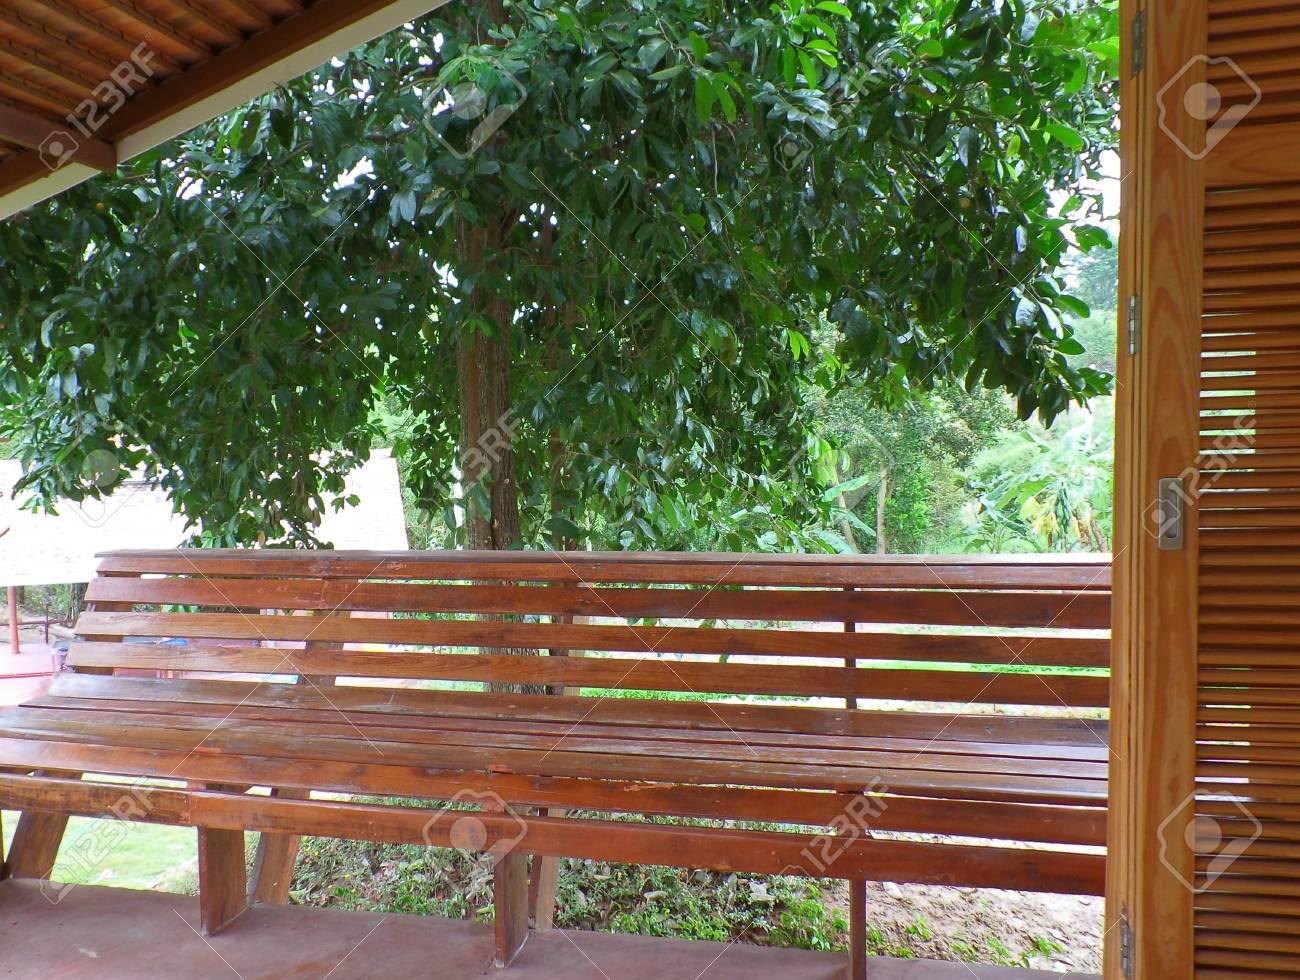 Banco Largo De Madera En La Terraza Delantera Con Un Gran árbol En Segundo Plano